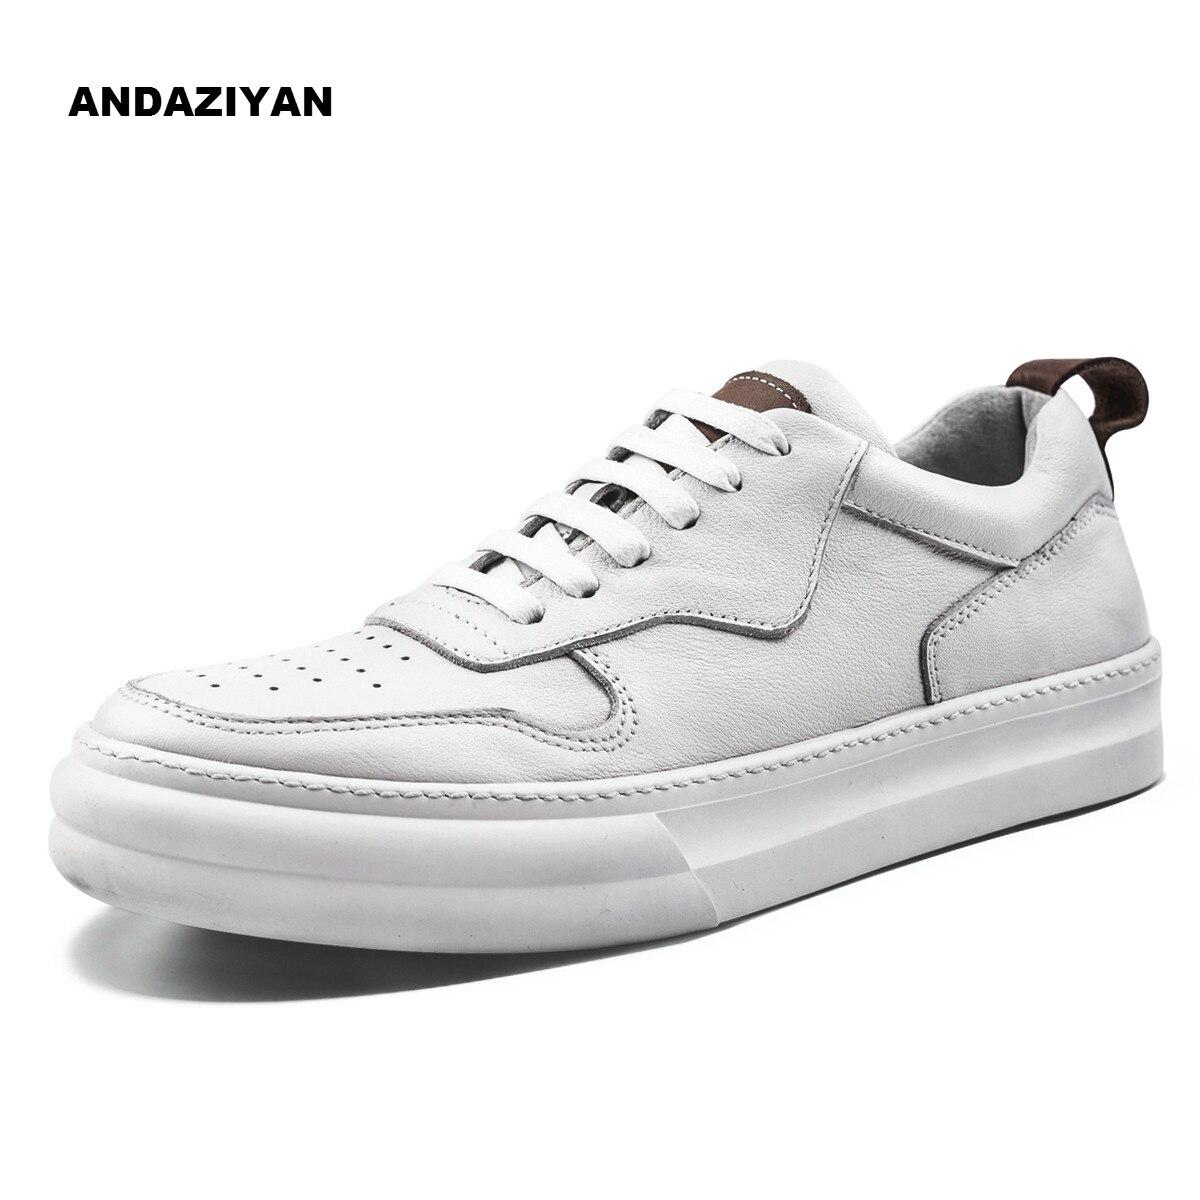 Atmungsaktiv Schwarzes Schuhe Casual Dicke Weiß Sohle Wilden Leder Frühling Hohe weiß Weiße Student Männer HBZ7xqn8